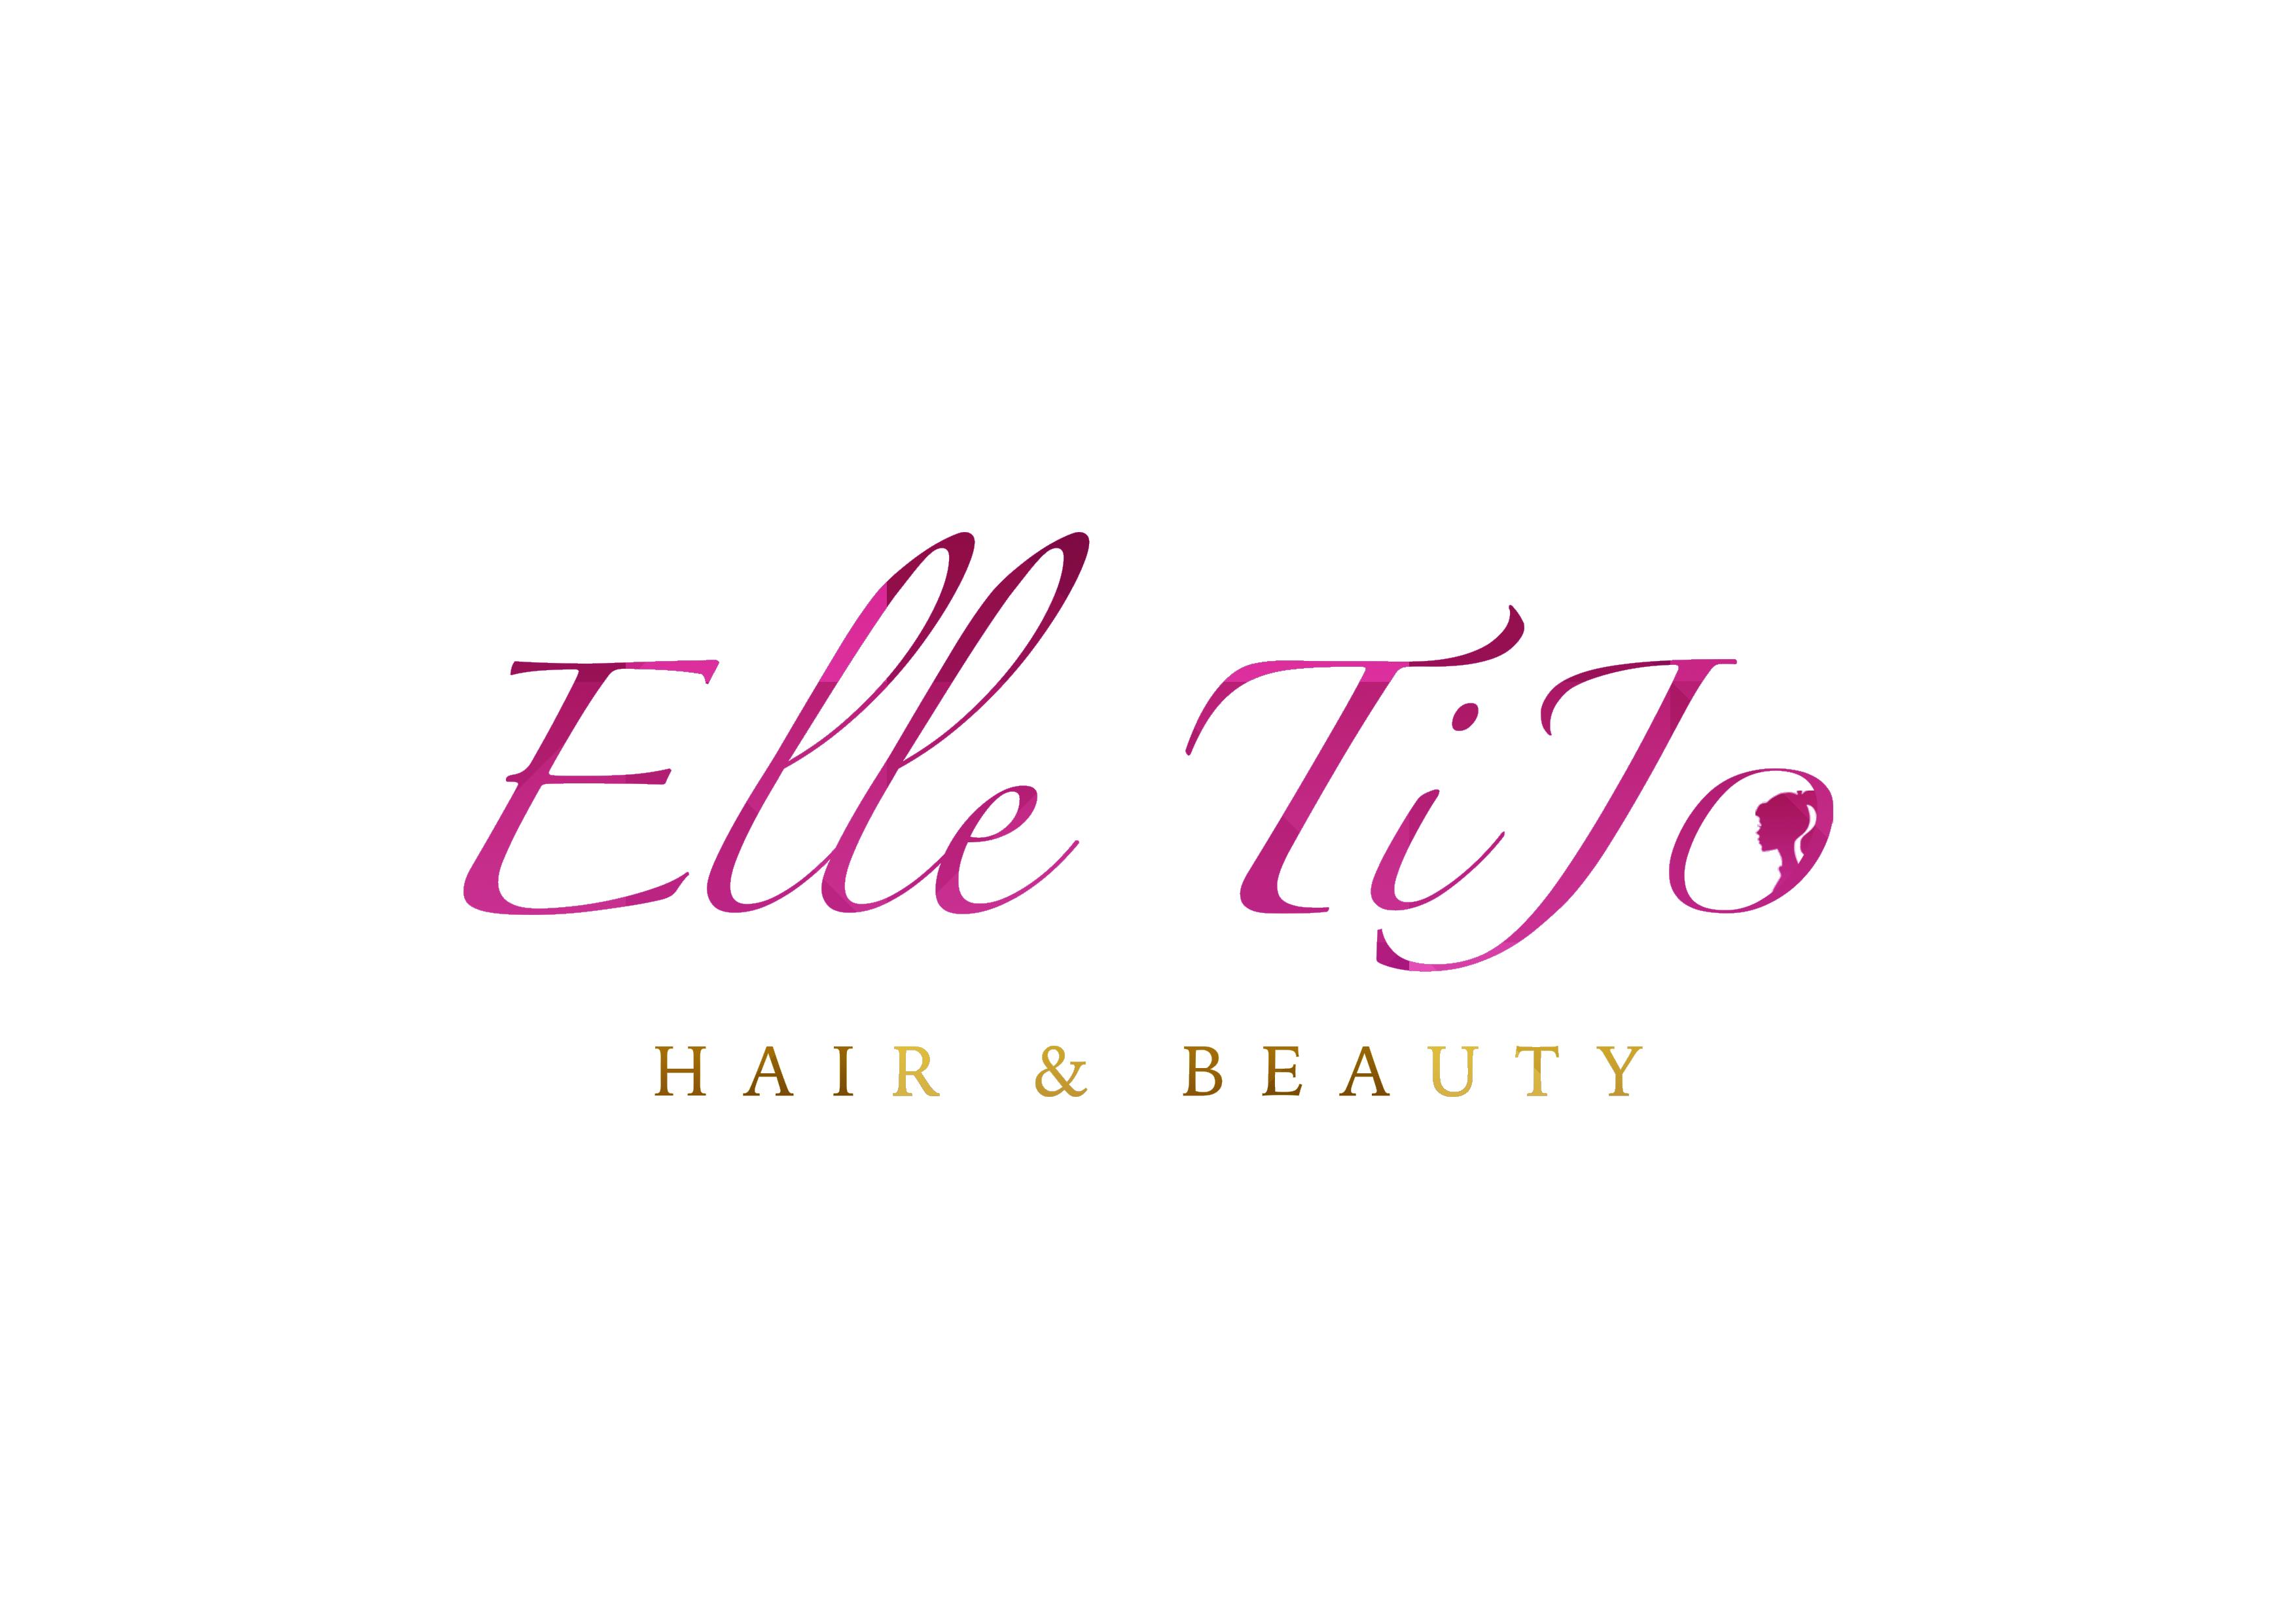 Elle TiJo Hair & Beauty - Logo